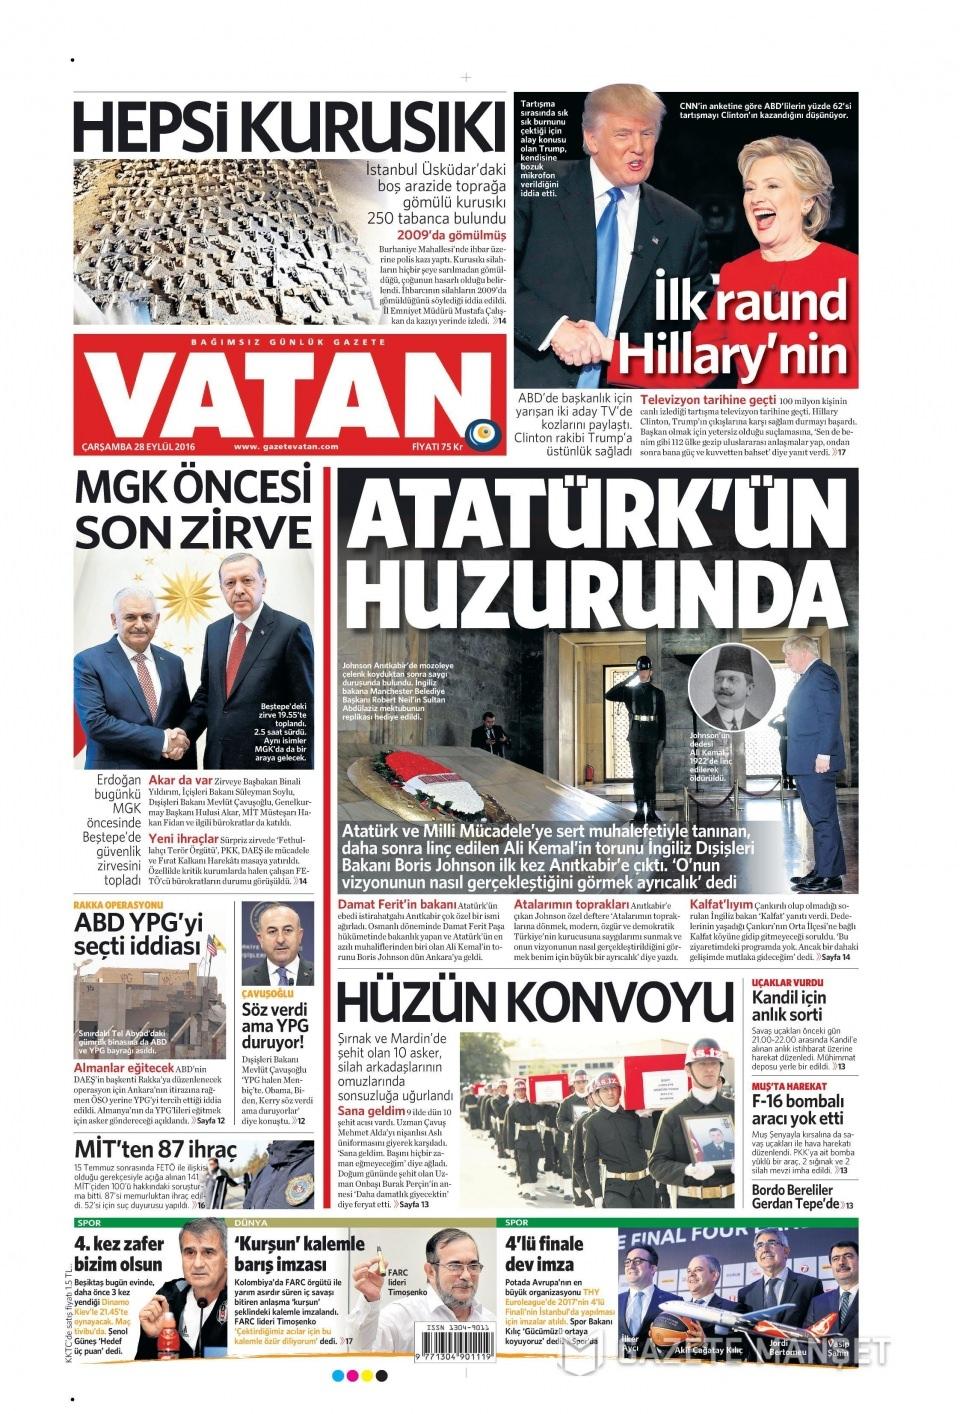 28 Eylül Çarşamba gazete manşetleri 8